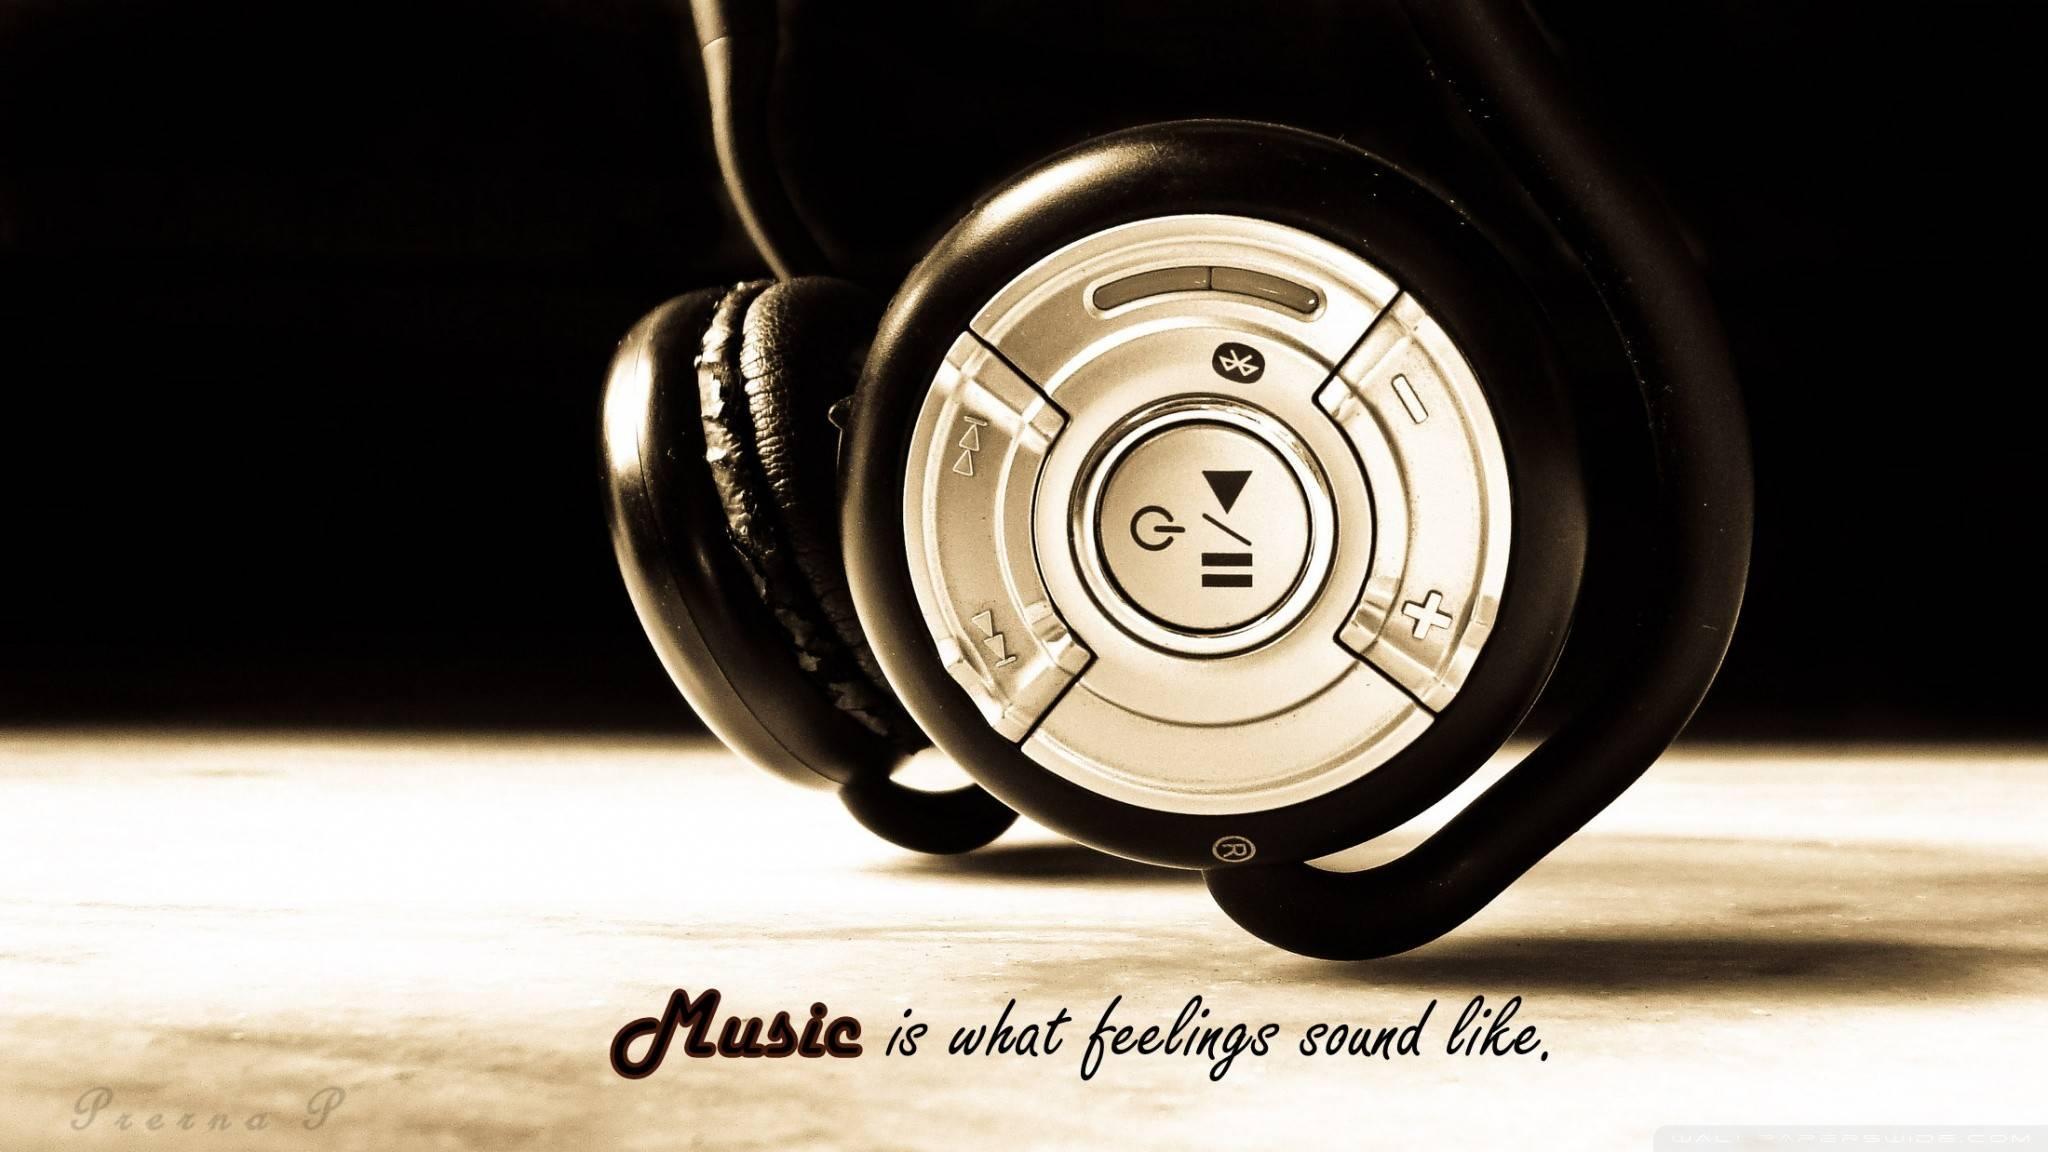 Headphones Music 20481152 Wallpaper 2319068 2048x1152